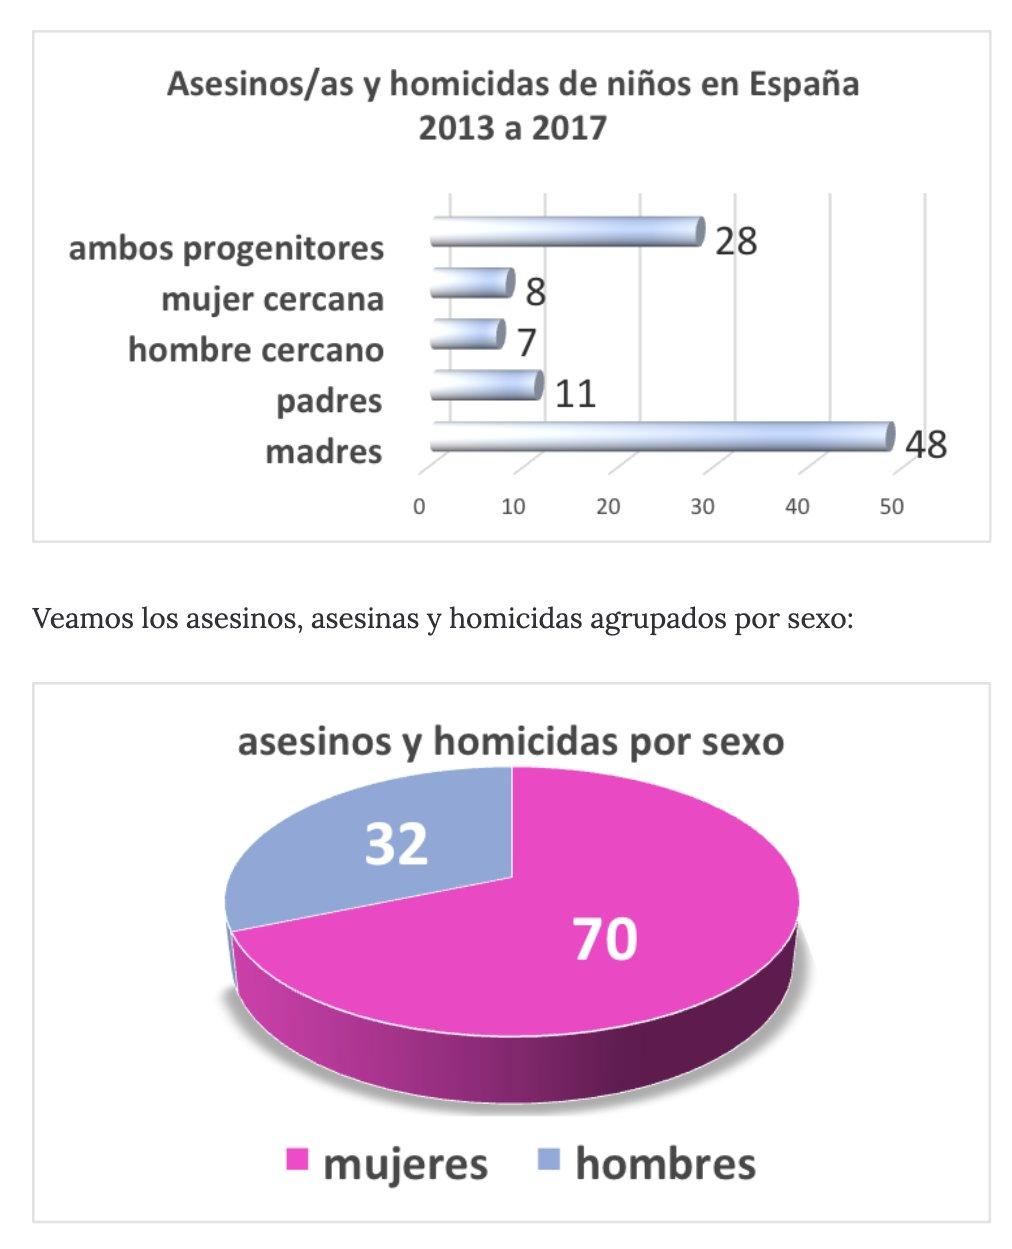 El gráfico de los menores asesinados según sexo